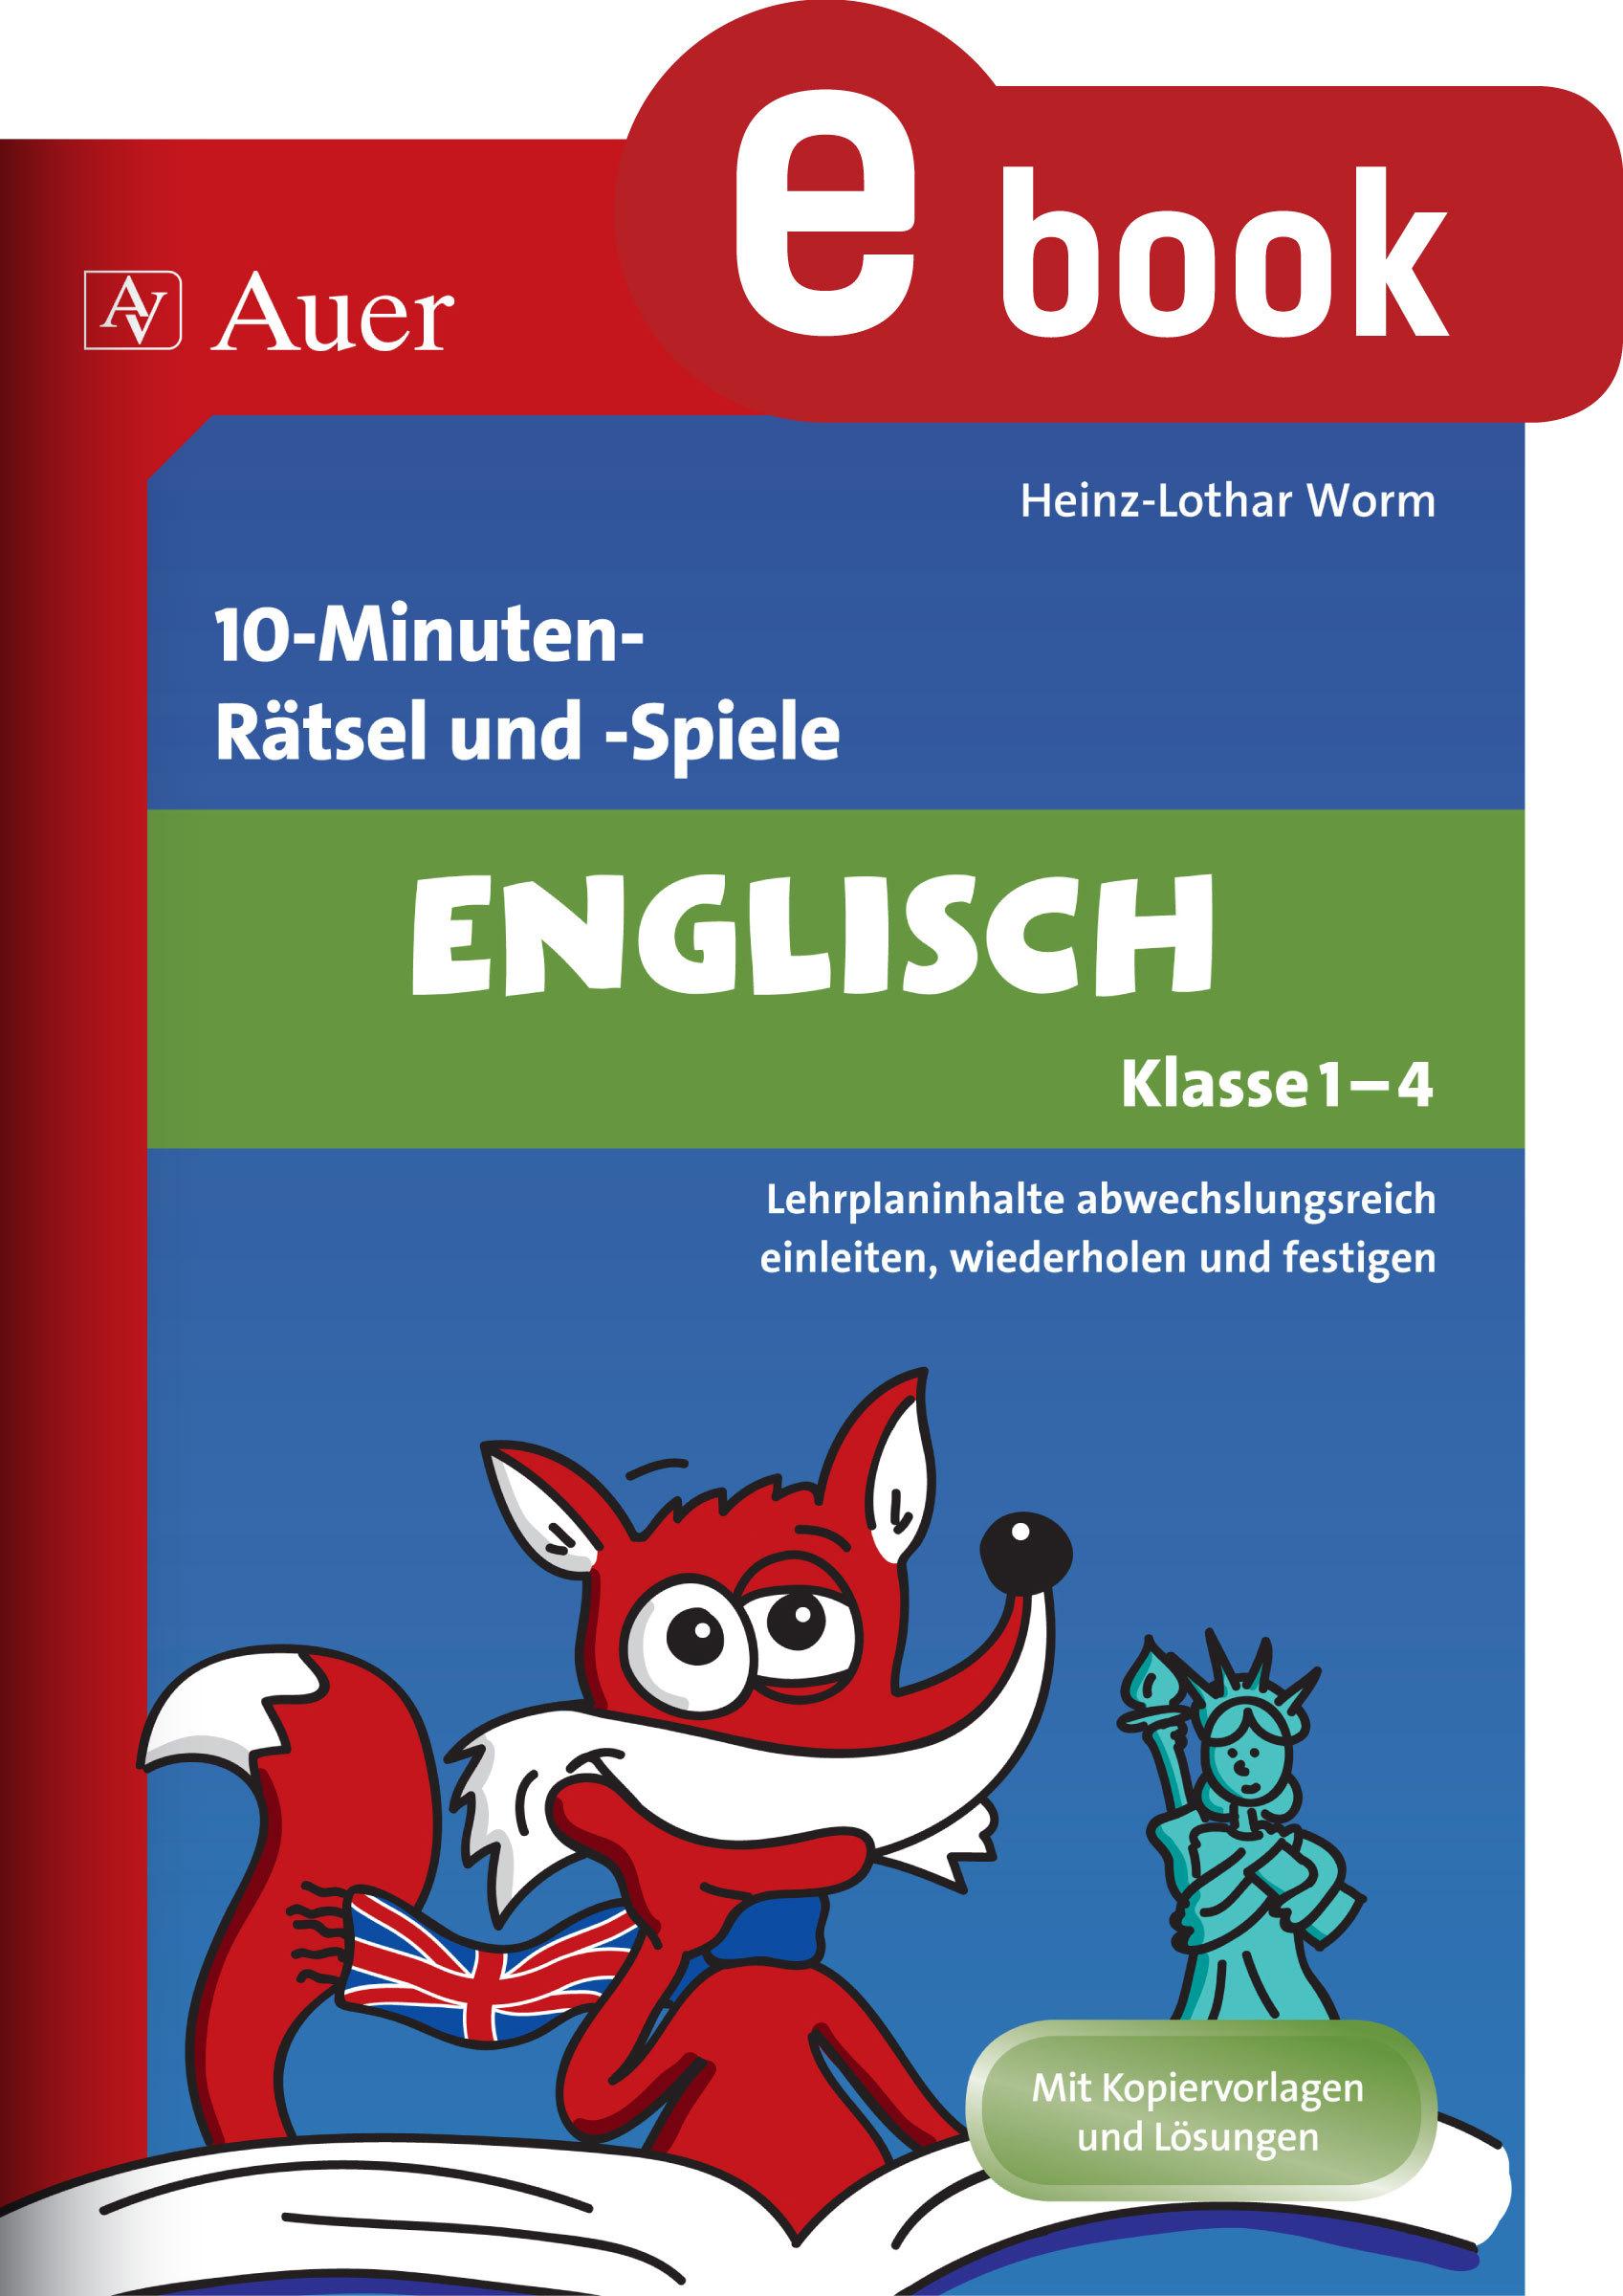 10minutenrätsel und spiele englisch